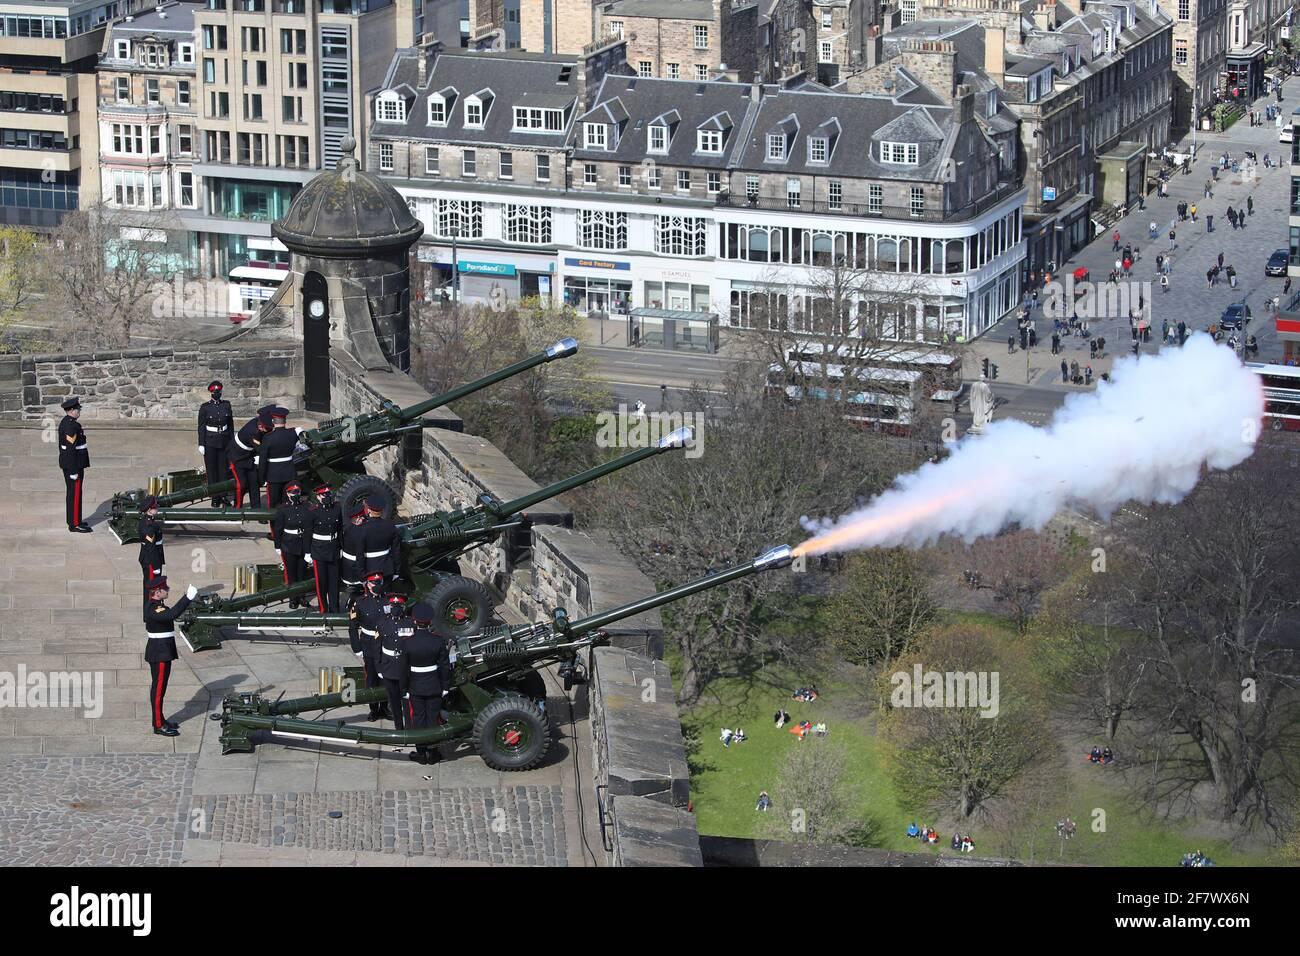 Les membres du 105e Régiment de l'Artillerie royale ont ouvert un feu de 41 tours au château d'Édimbourg, pour marquer la mort du duc d'Édimbourg. Date de la photo: Samedi 10 avril 2021. Banque D'Images